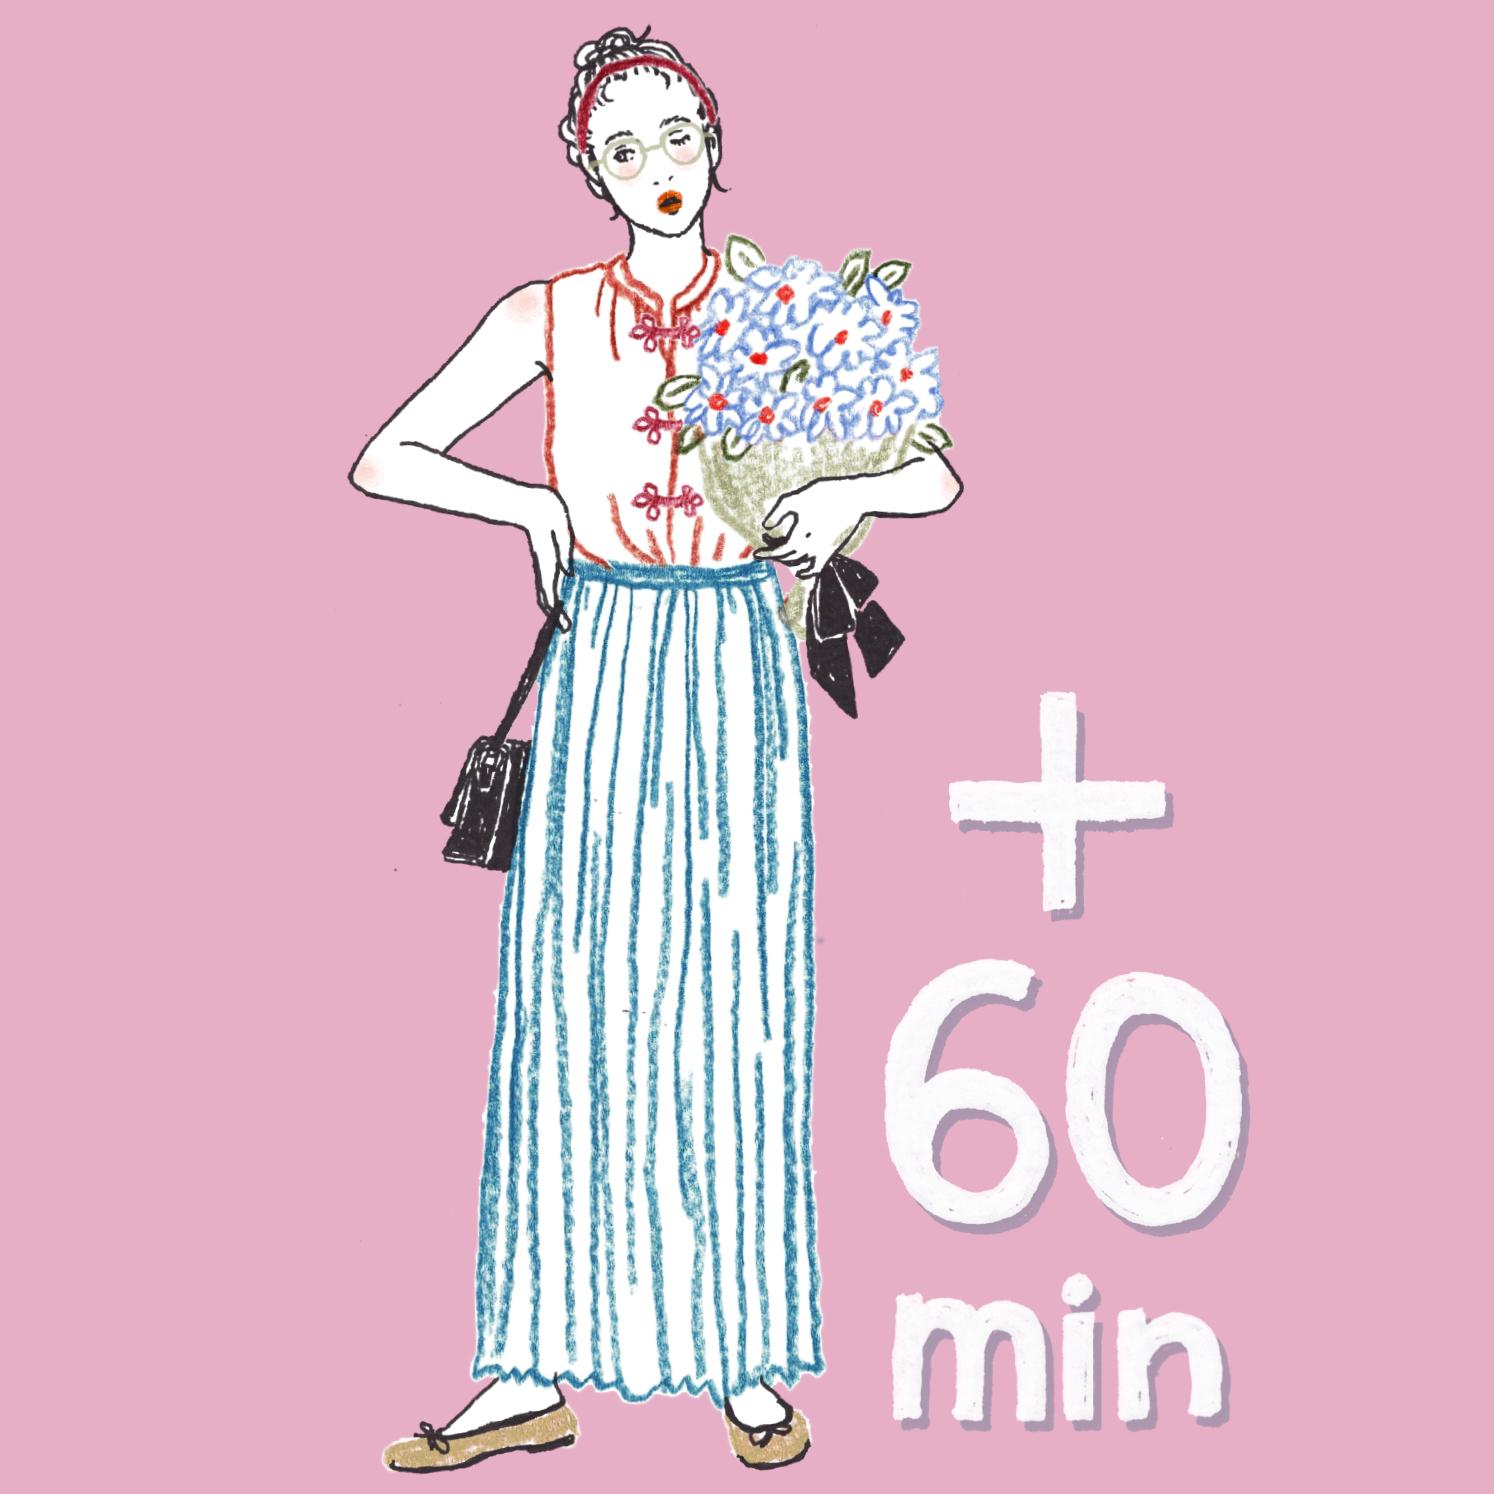 Q:1日24時間の他にあなたにだけあと60分与えられました。あなたはこの60分を何に使いますか?